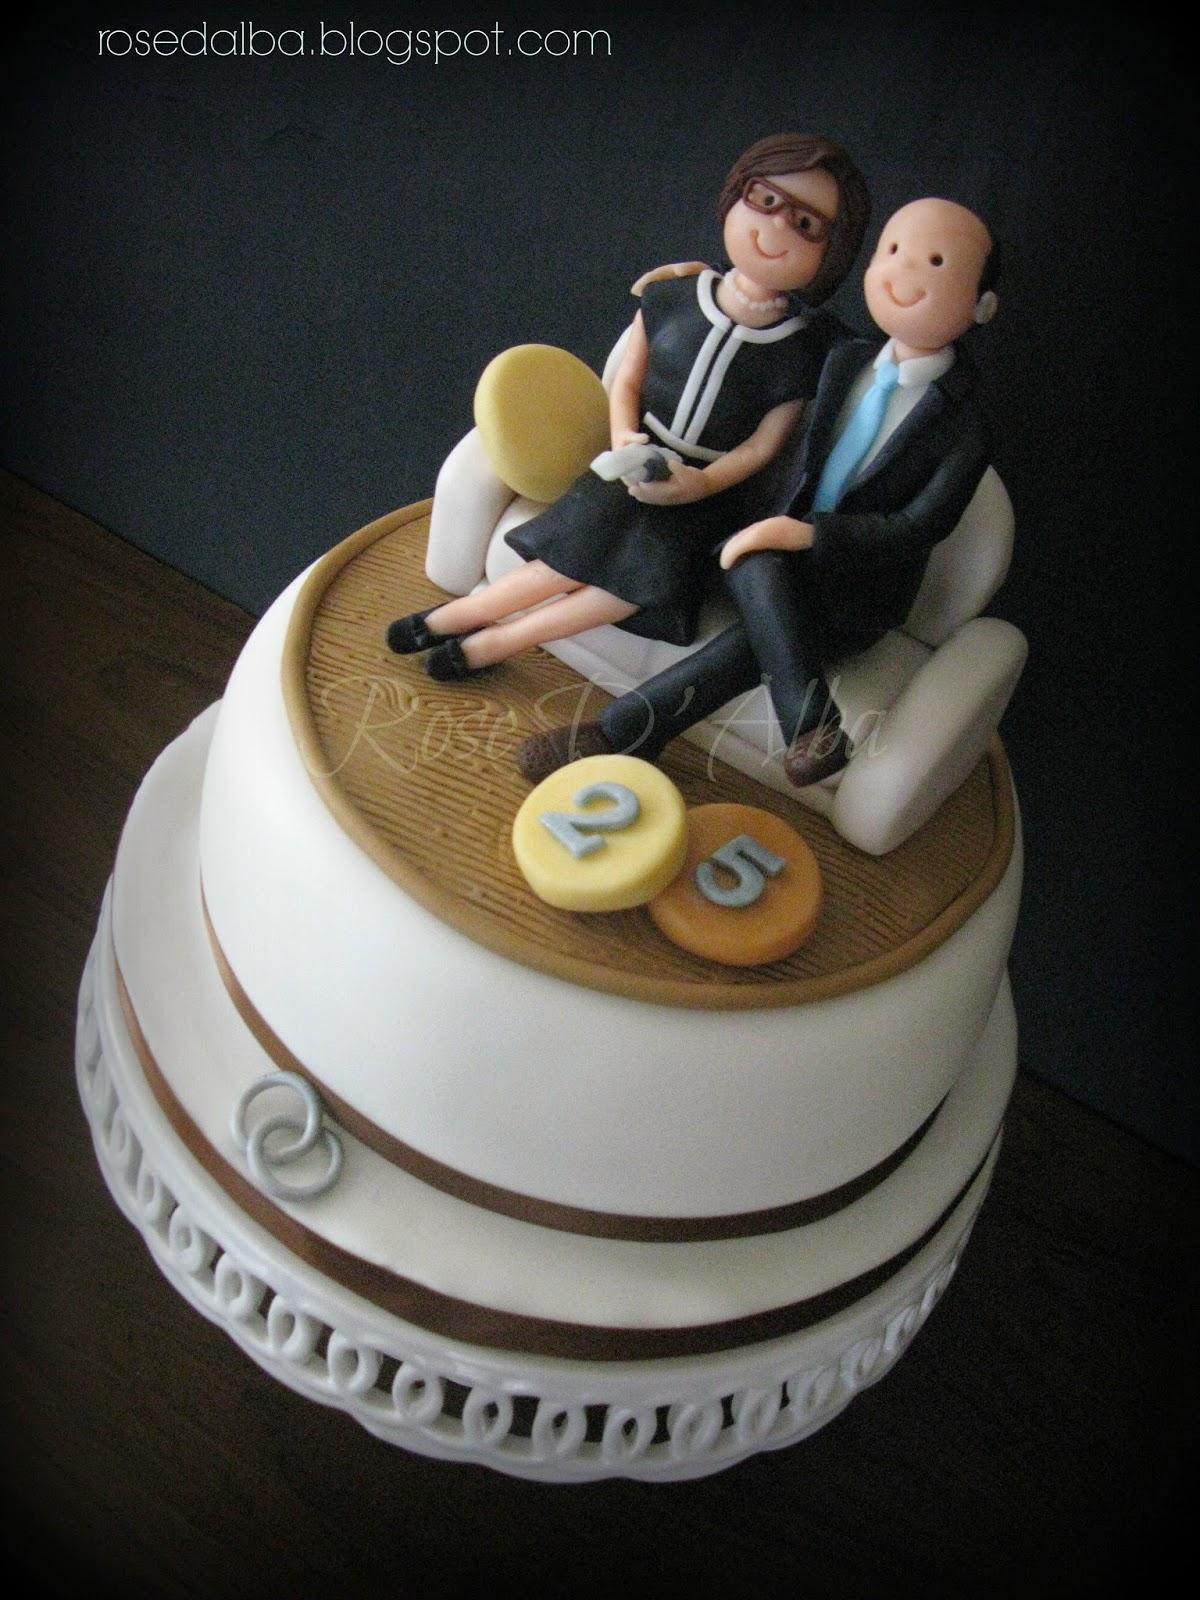 Popolare ROSE D' ALBA cake designer: Una torta per i 25 anni di matrimonio  SL81